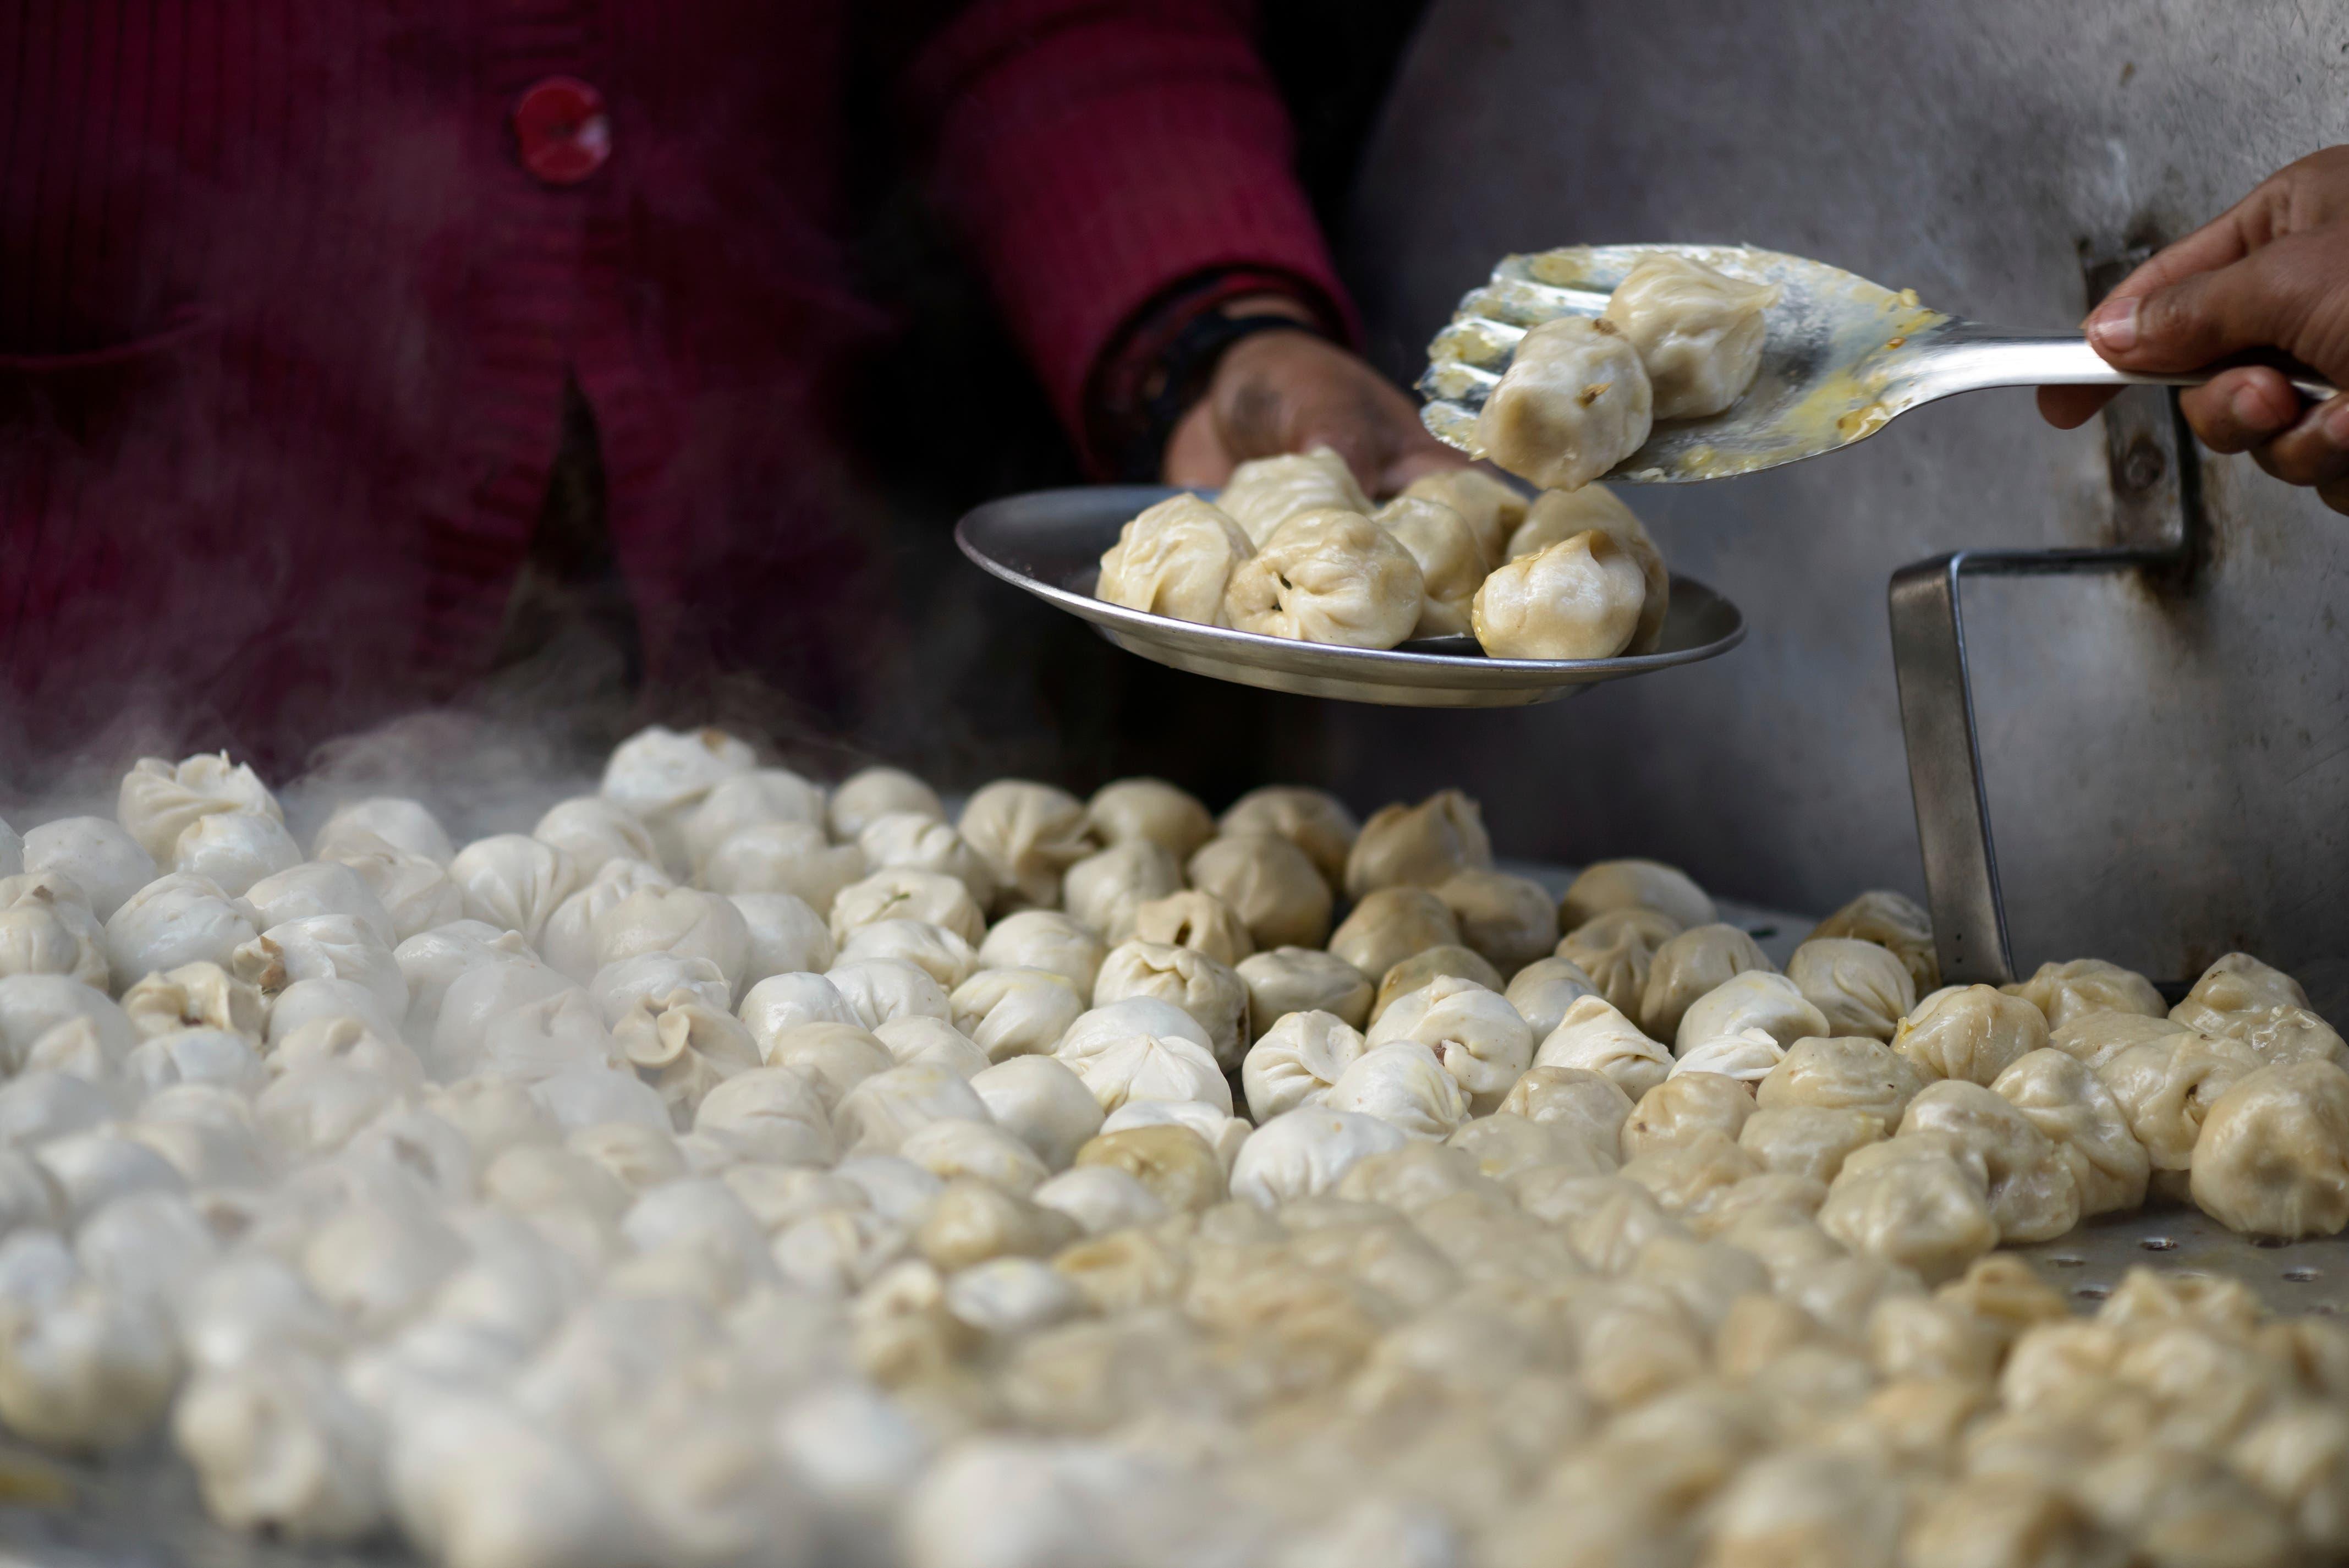 Lustige kleine Bälle, Muscheln oder Halbmonde aus Teig, gefüllt mit Fleisch oder Gemüse. Momos werden nicht gebacken, sondern in Dampf gegart. (Bild: Bilder: Getty)